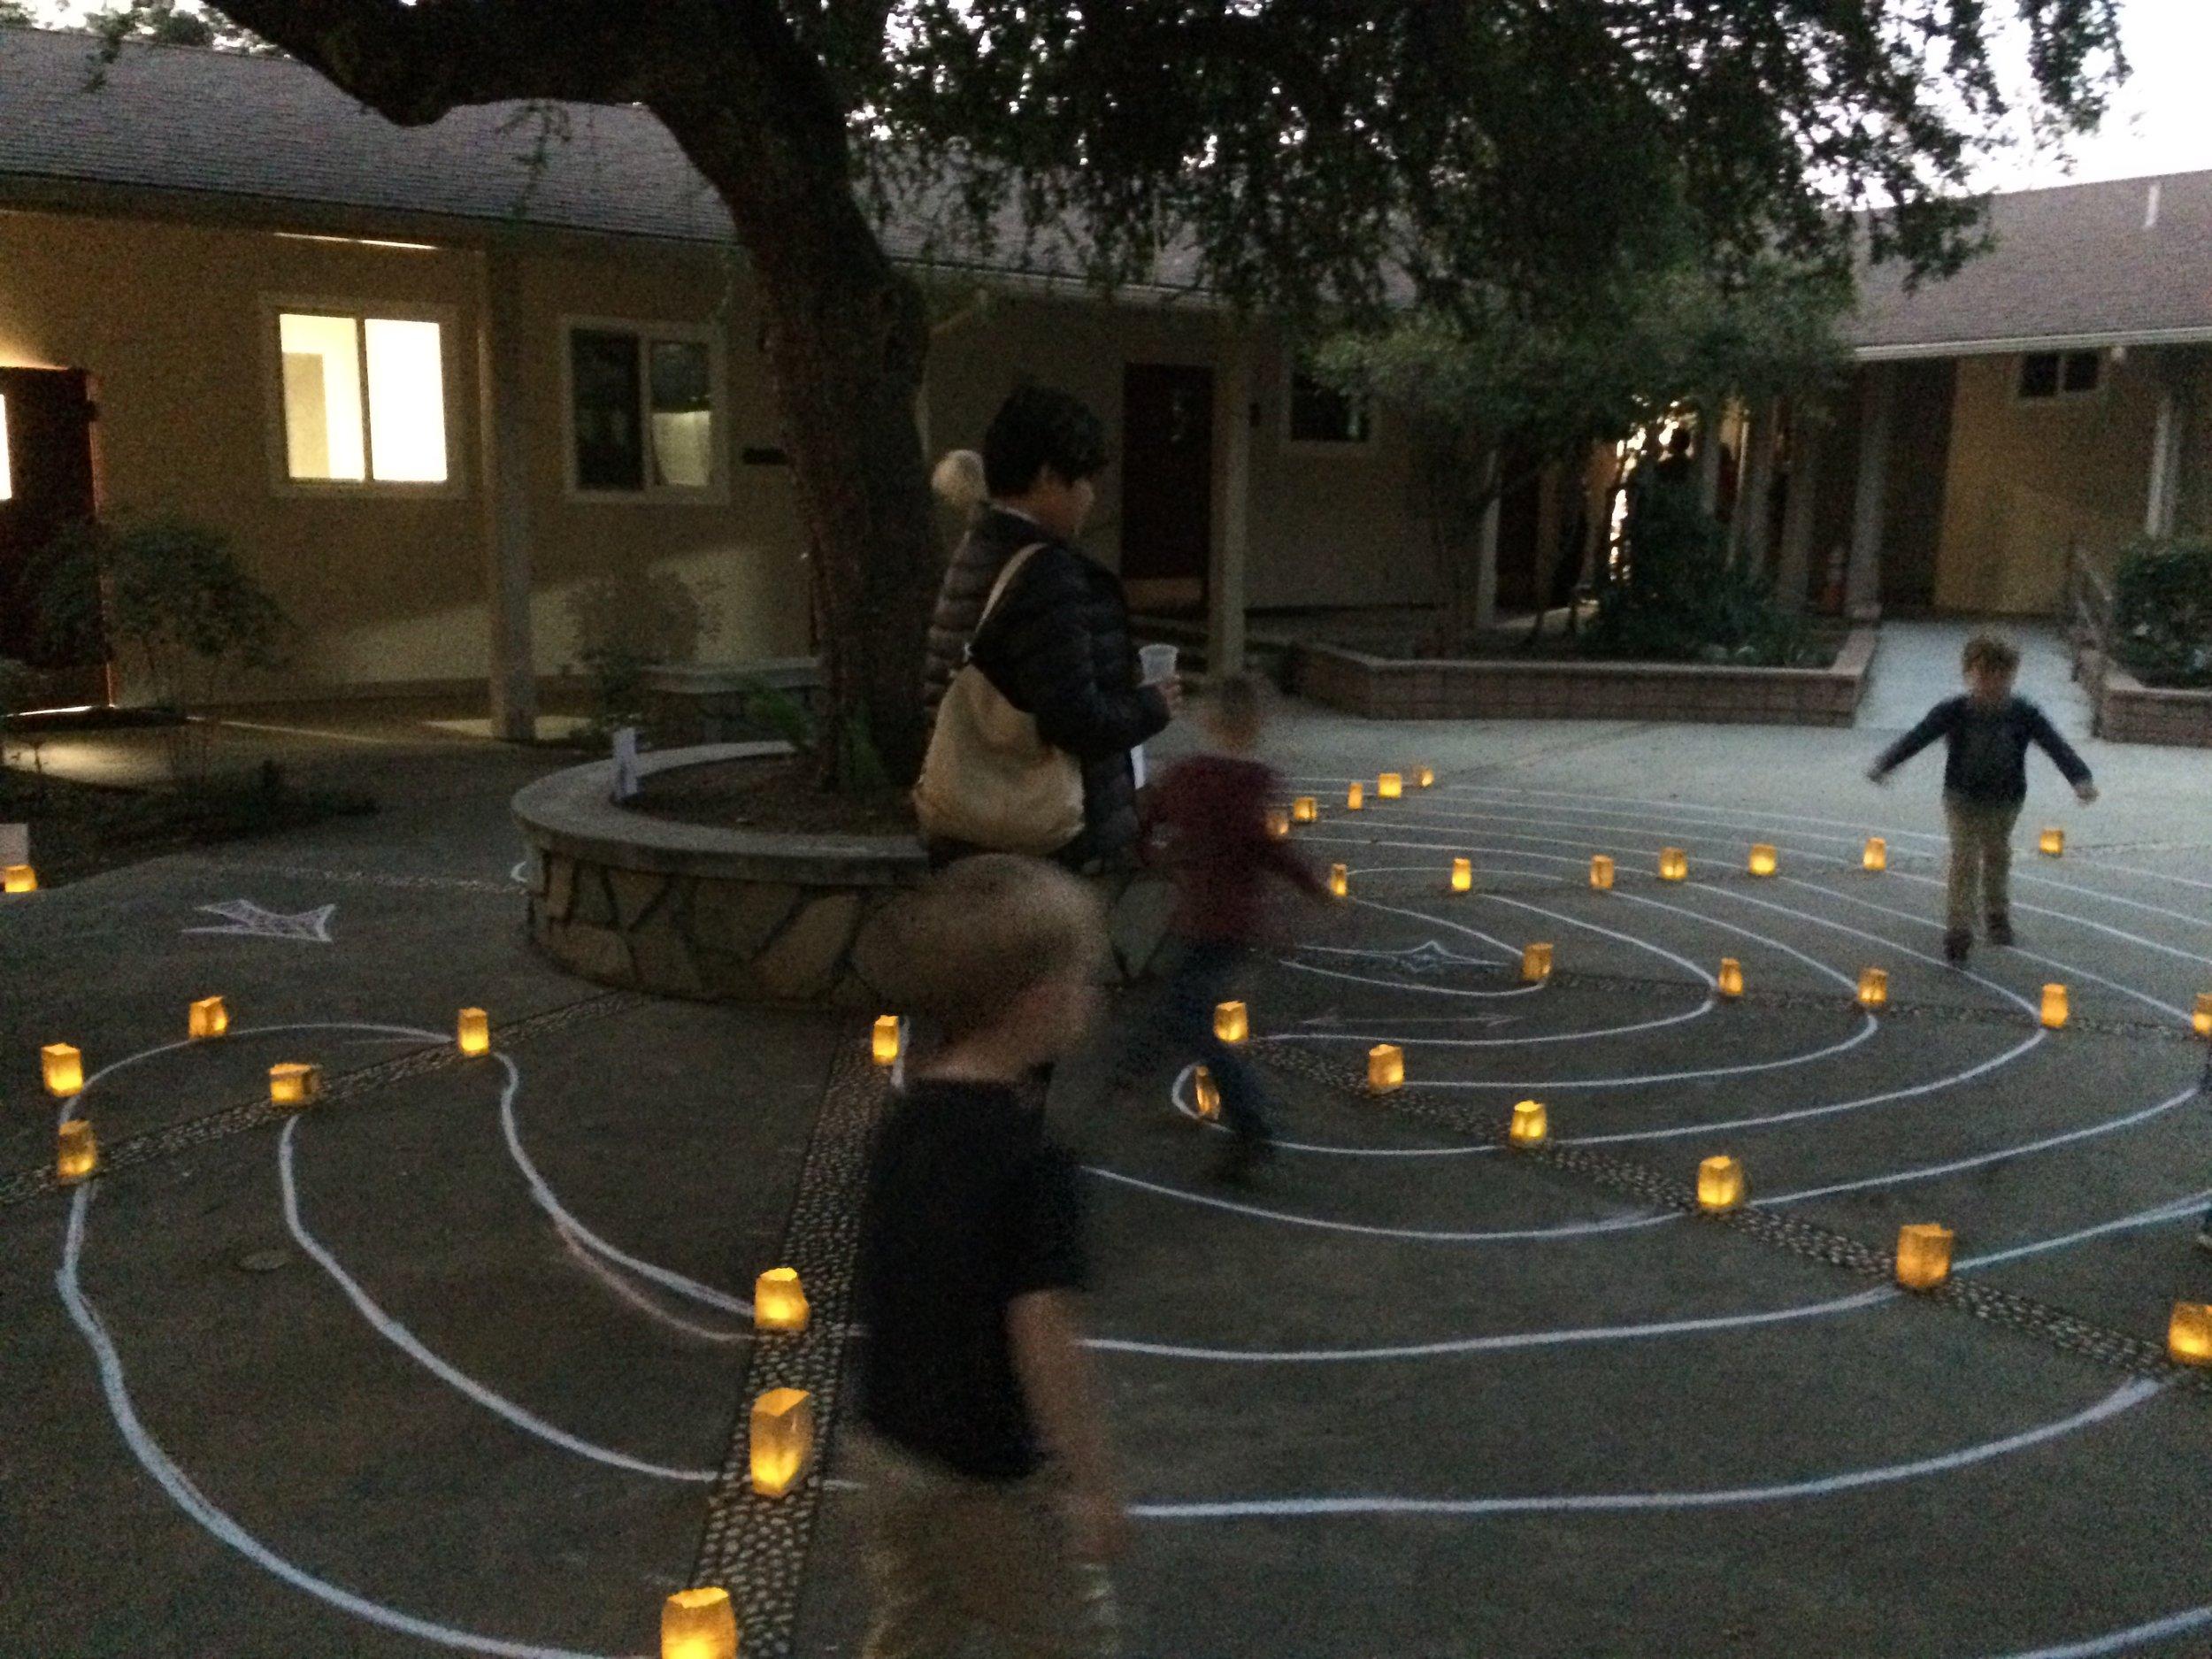 claremont-presbyterian-church-life-Zen-maze.JPG